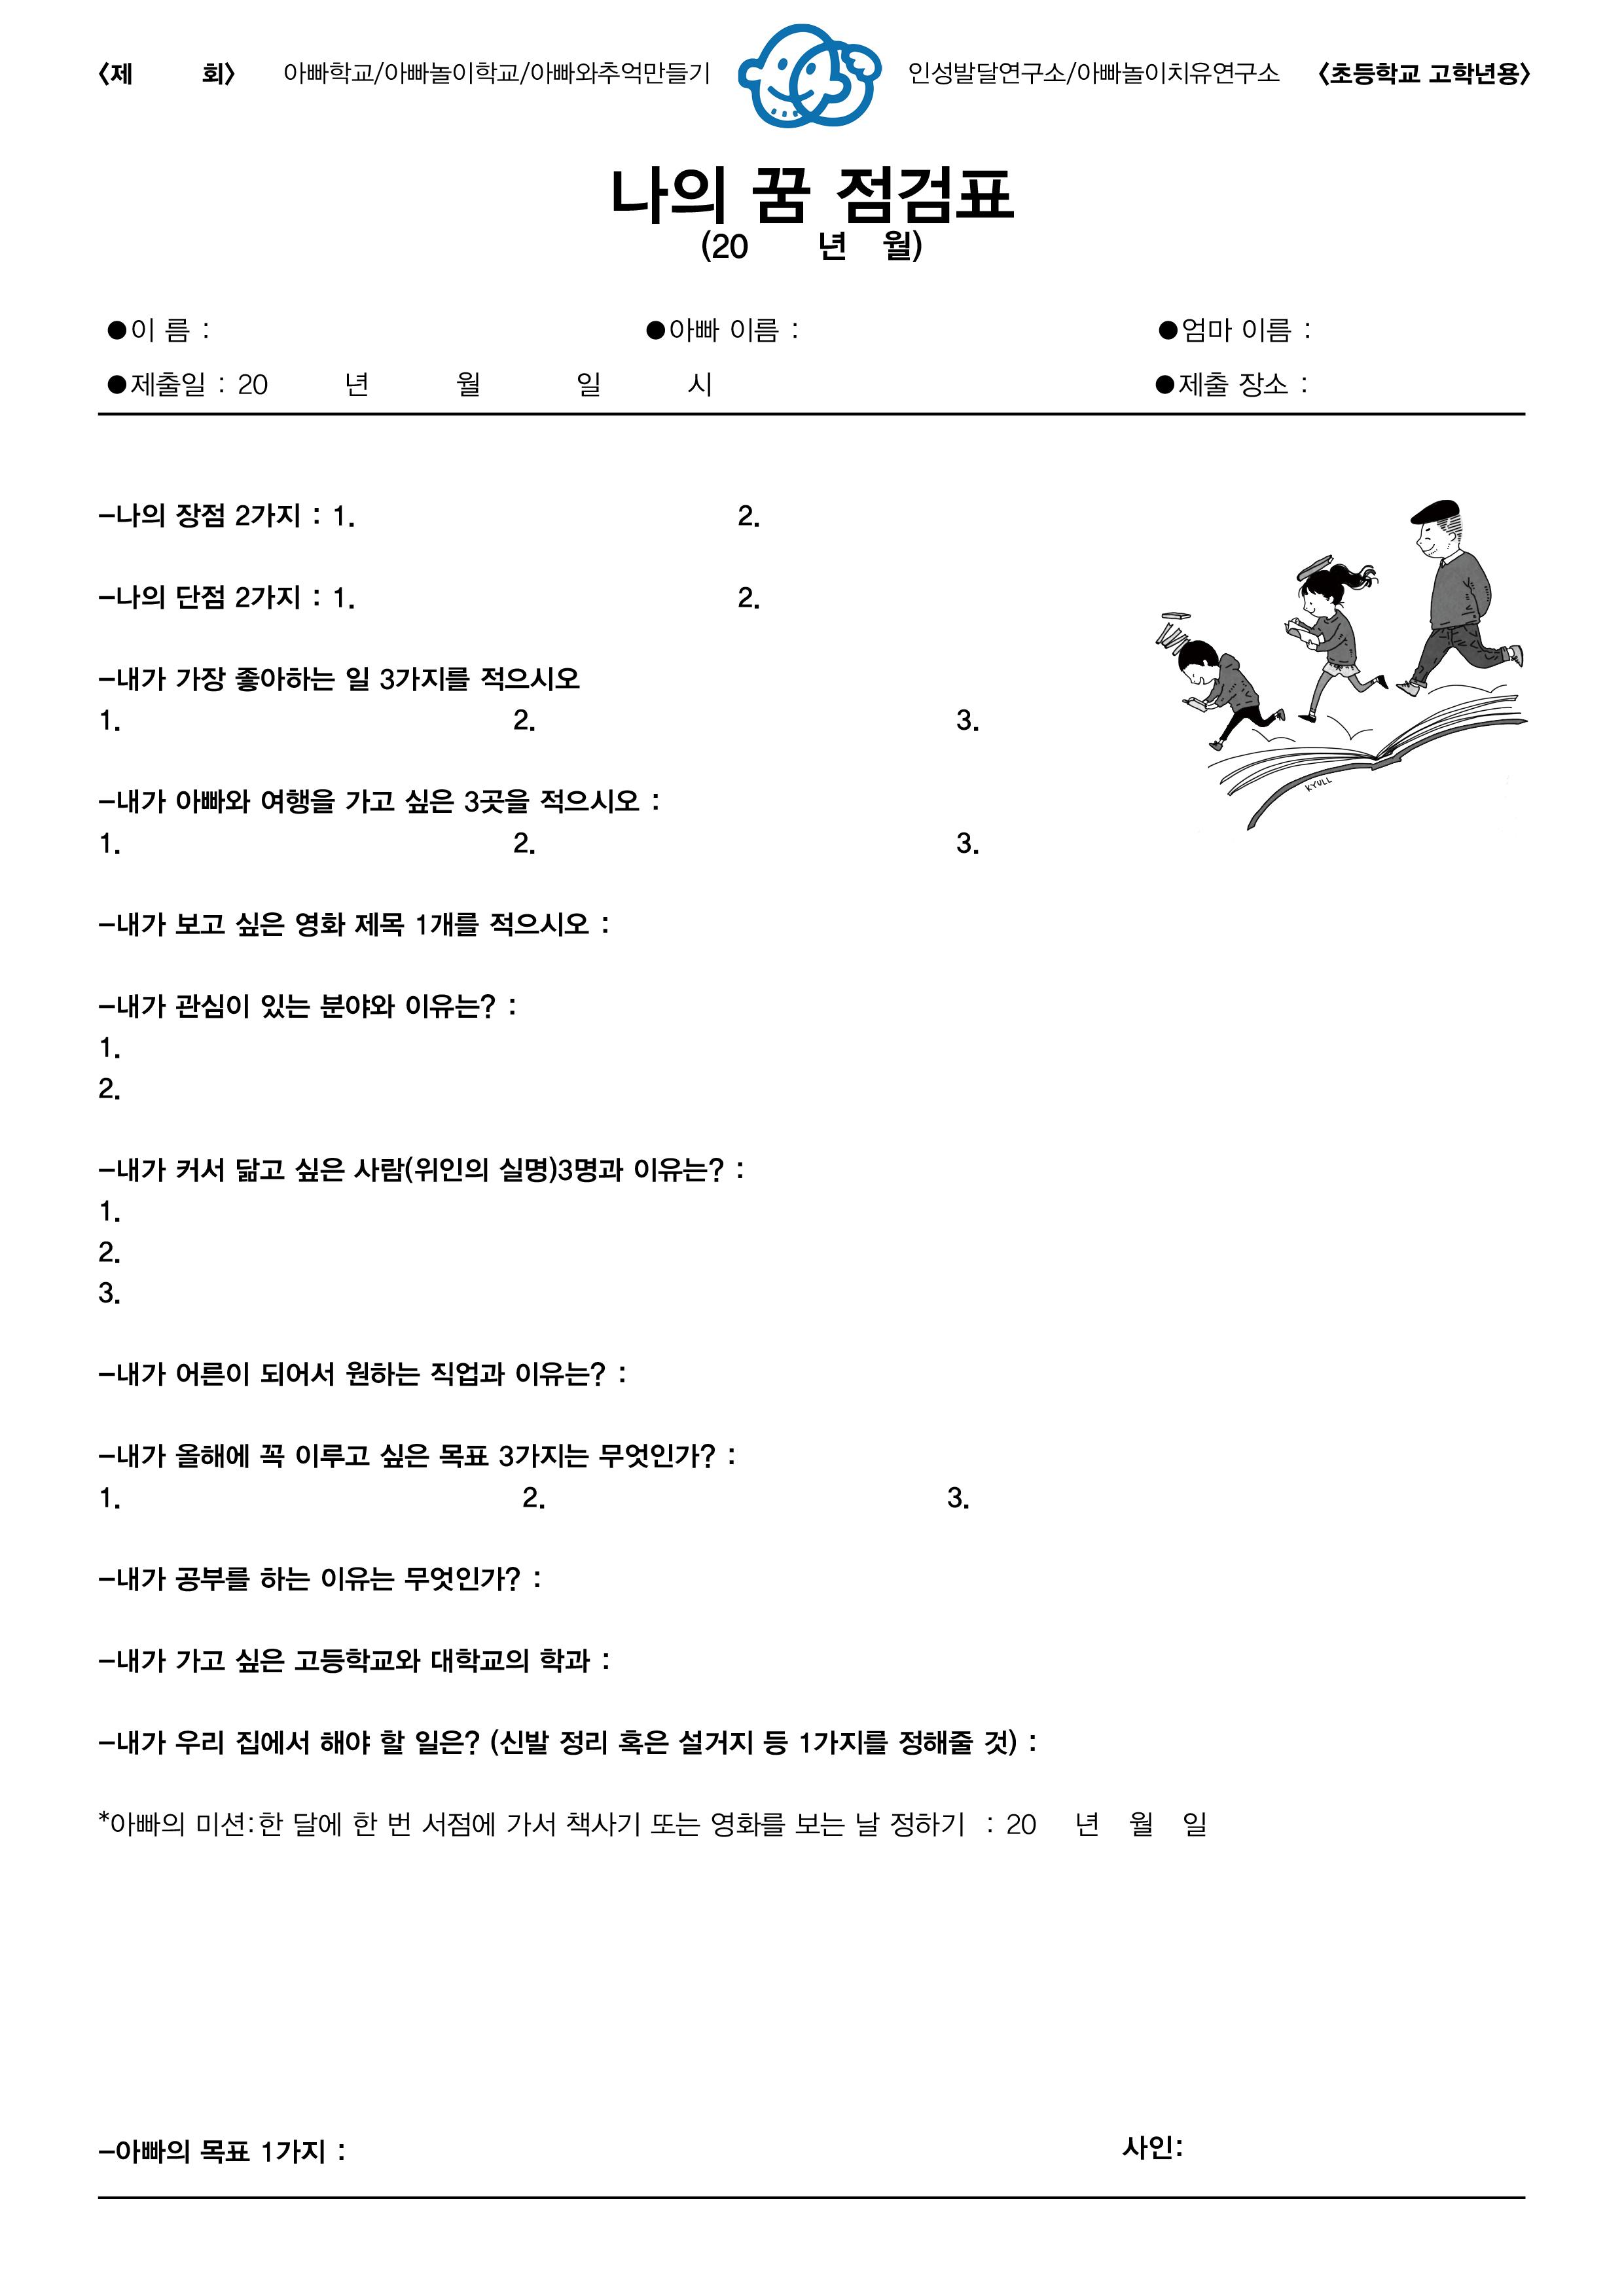 20160927_고학년용.jpg